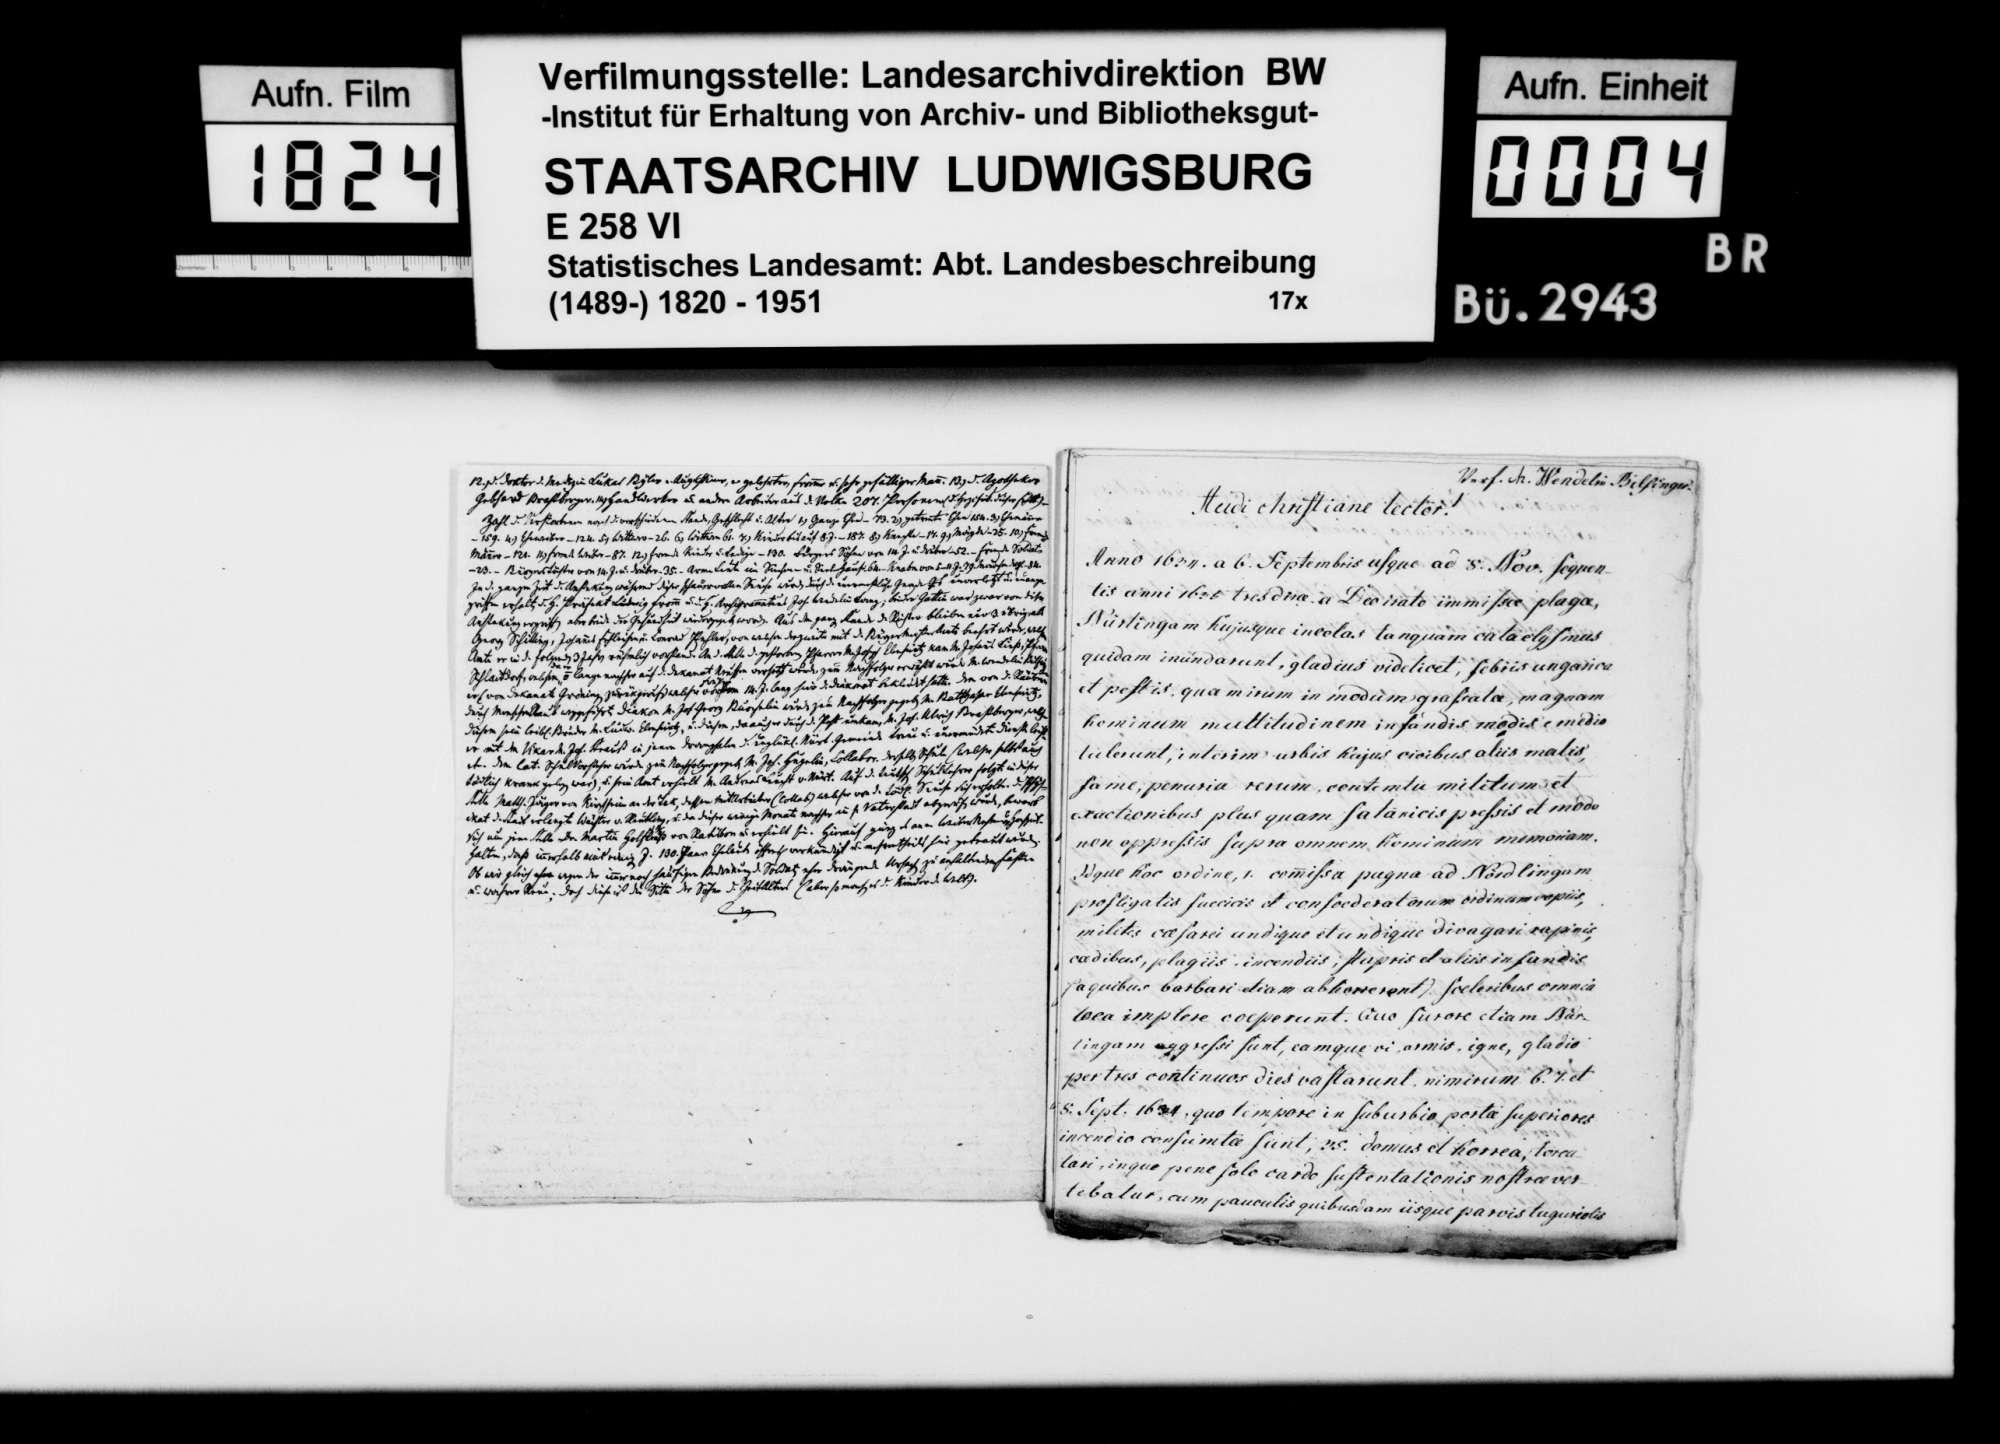 Darstellung der Kriegsereignisse in Nürtingen 1634/35, von [Stadtpfarrer] Johann Wendelin Bilfinger [gestorben 1661], Latein mit deutscher Übersetzung, Bild 3